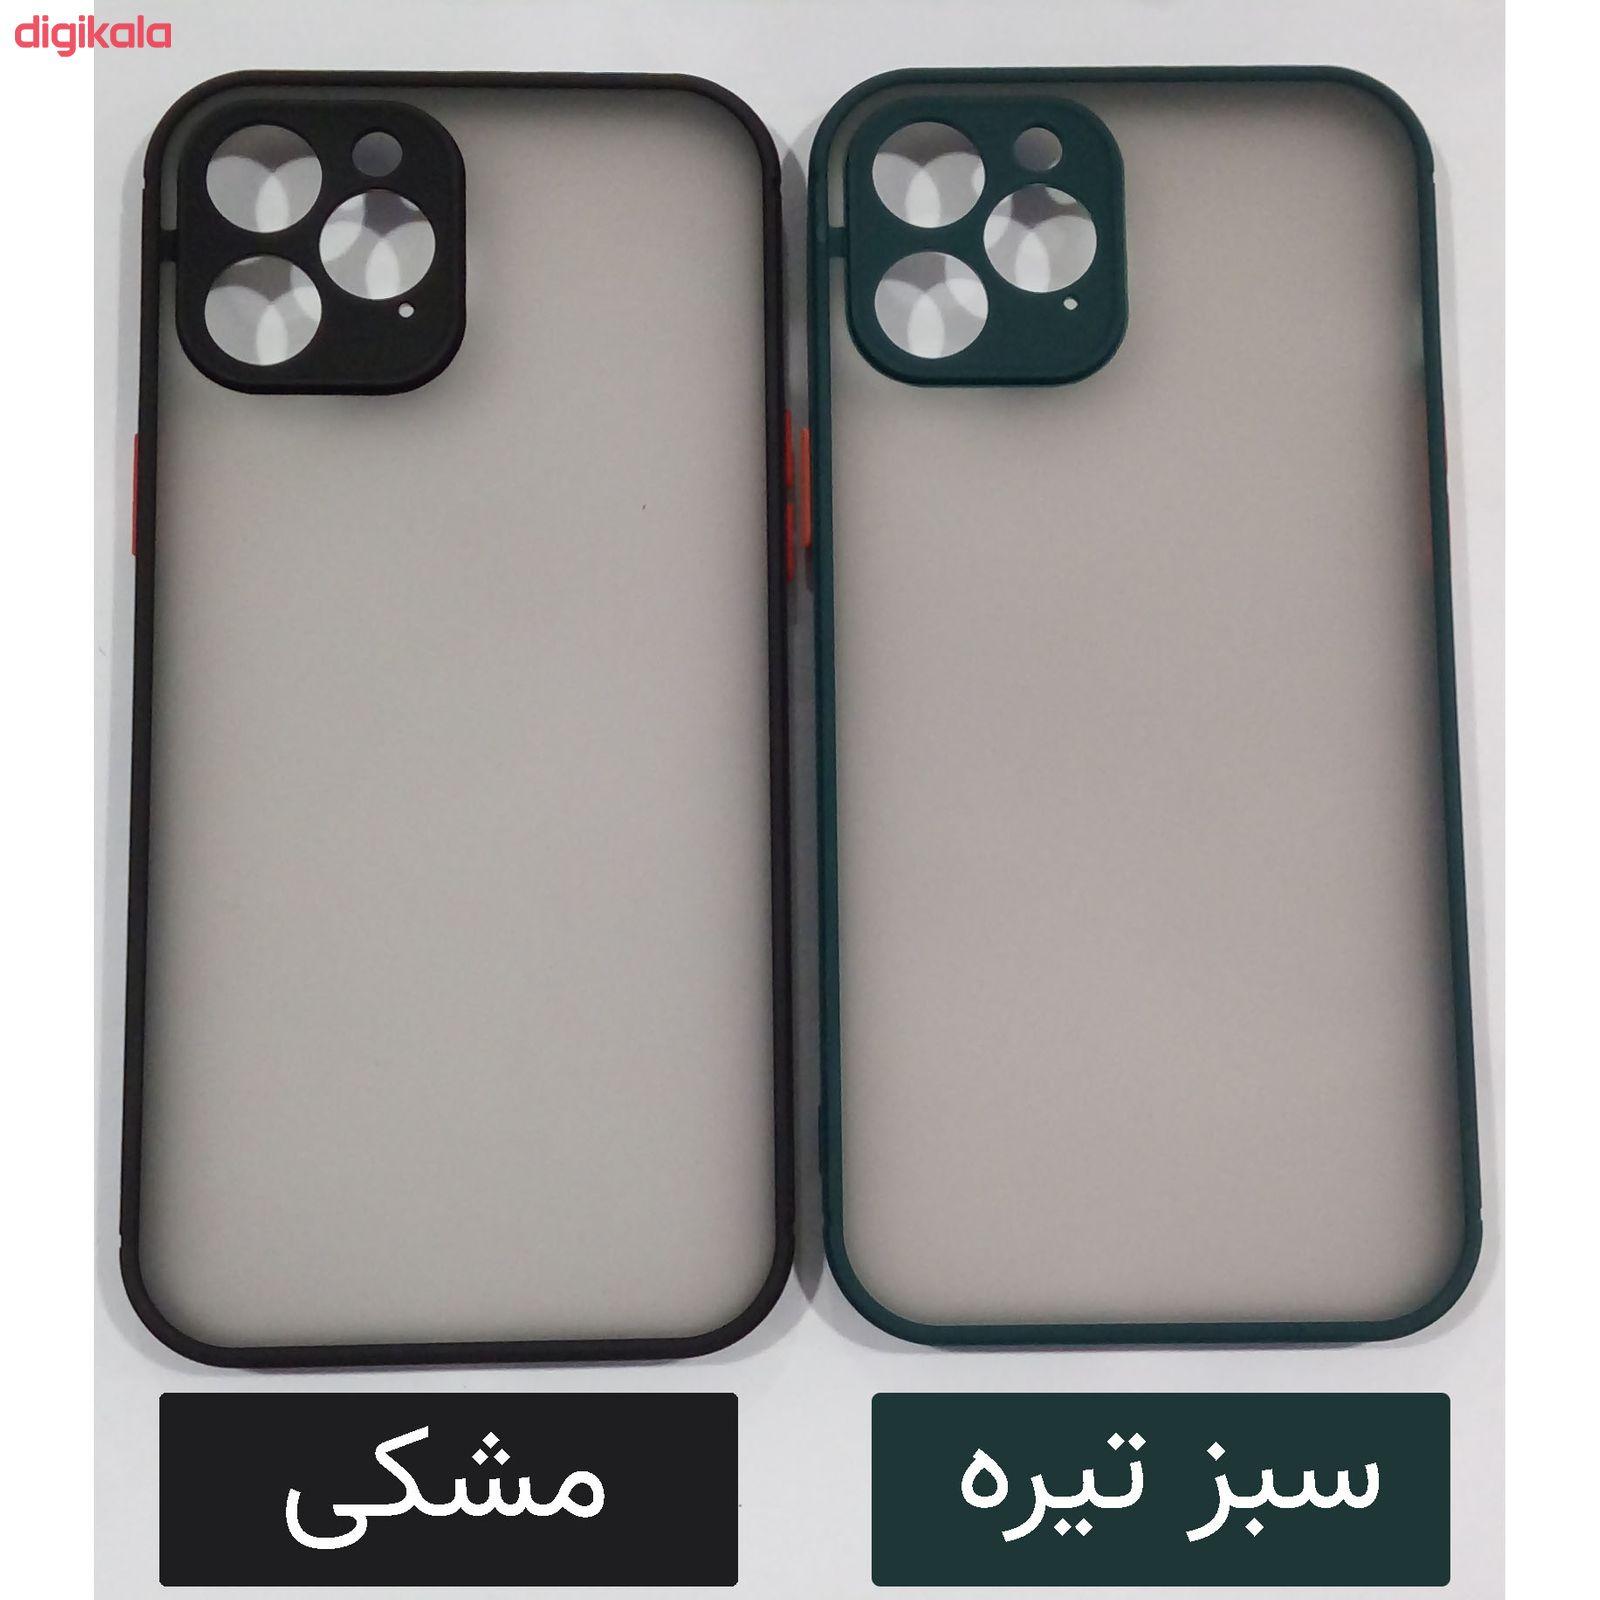 کاور مدل MT مناسب برای گوشی موبایل اپل  iphone 12 PRO MAX main 1 1